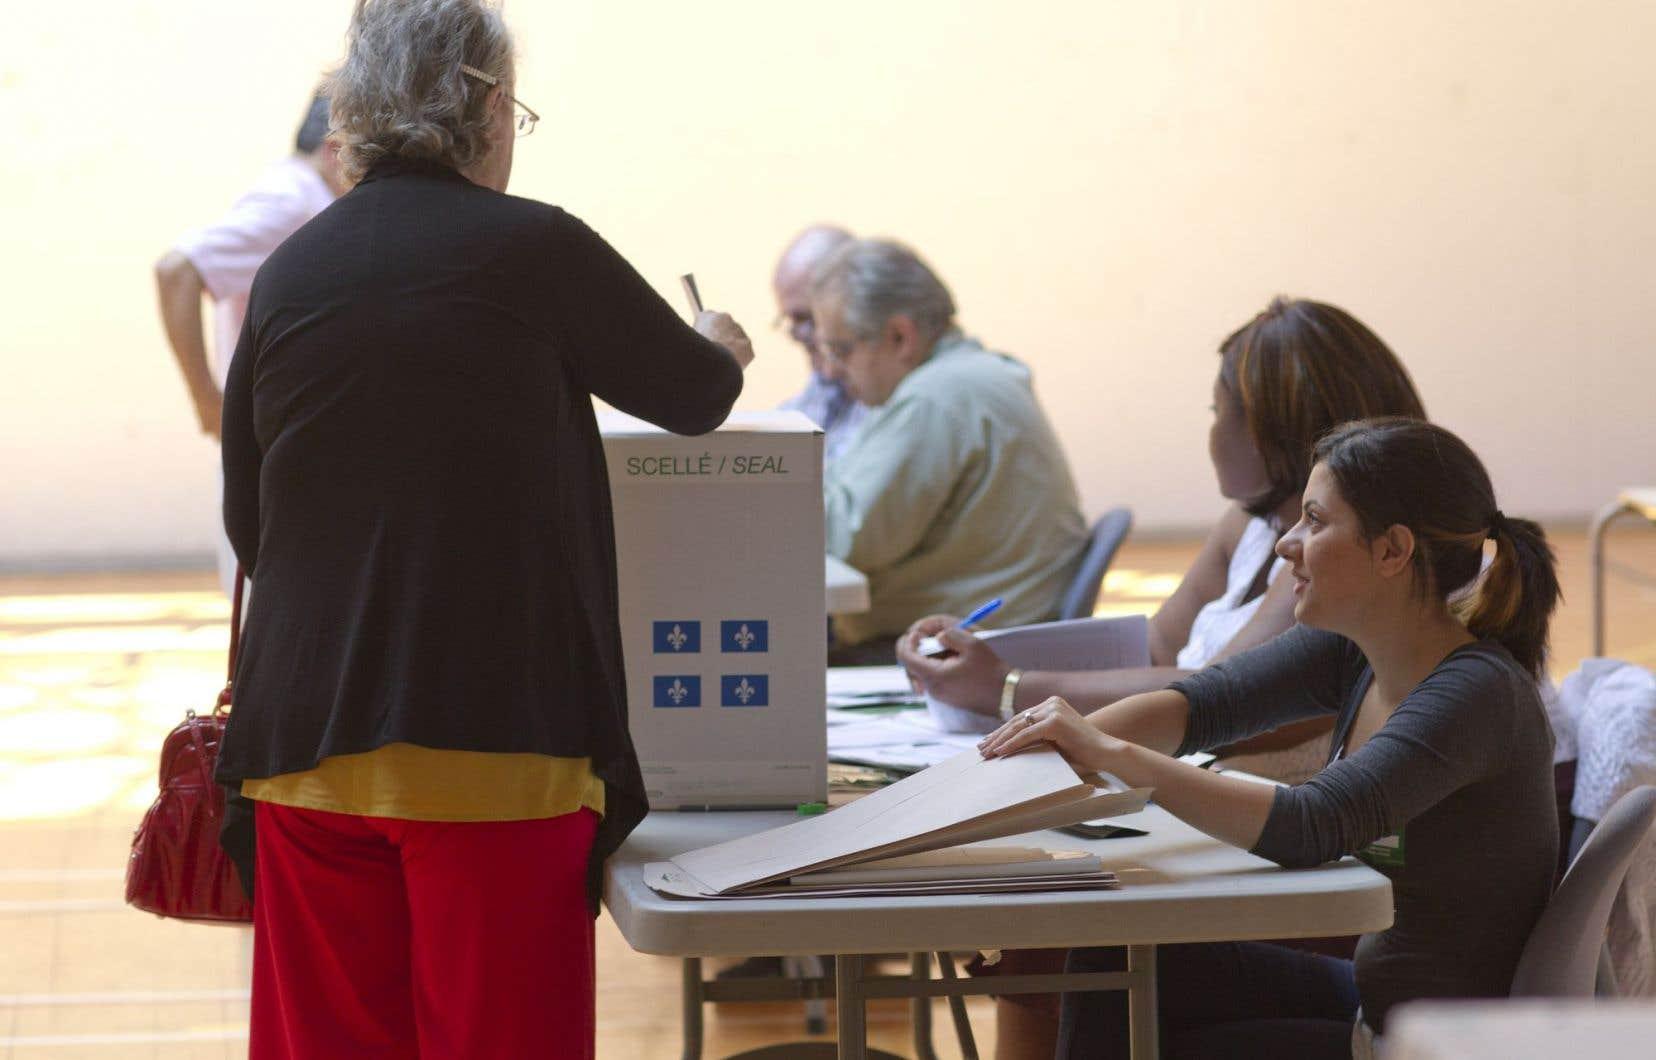 Une réforme du mode de scrutin est dans l'air depuis des années sans qu'aucun projet n'aboutisse.